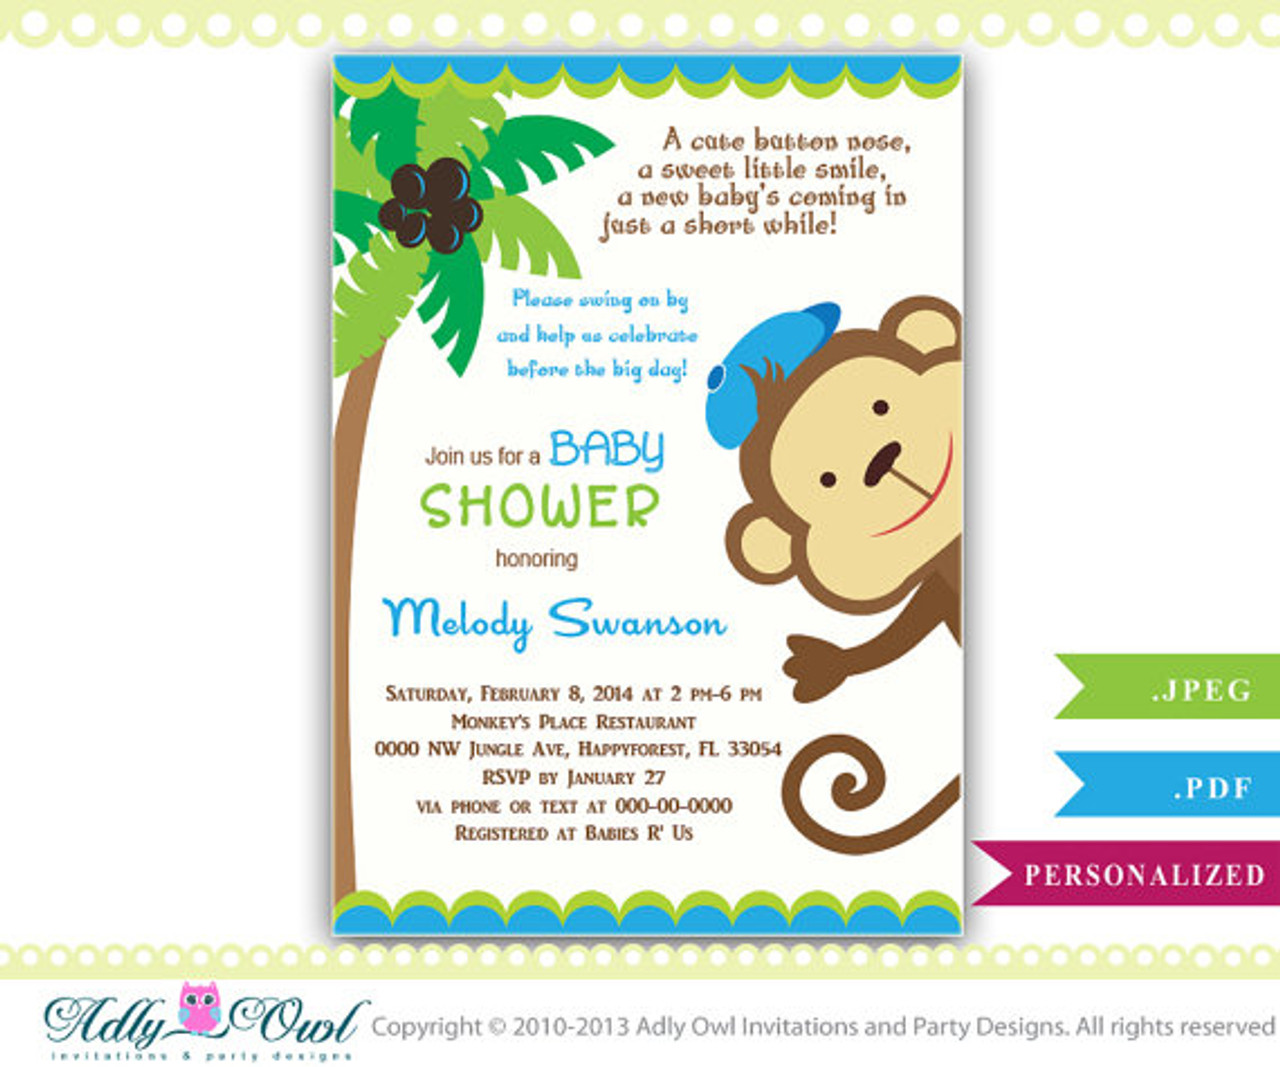 Blue Monkey Baby Shower Invitation Card Cute Little Monkey Boy Is